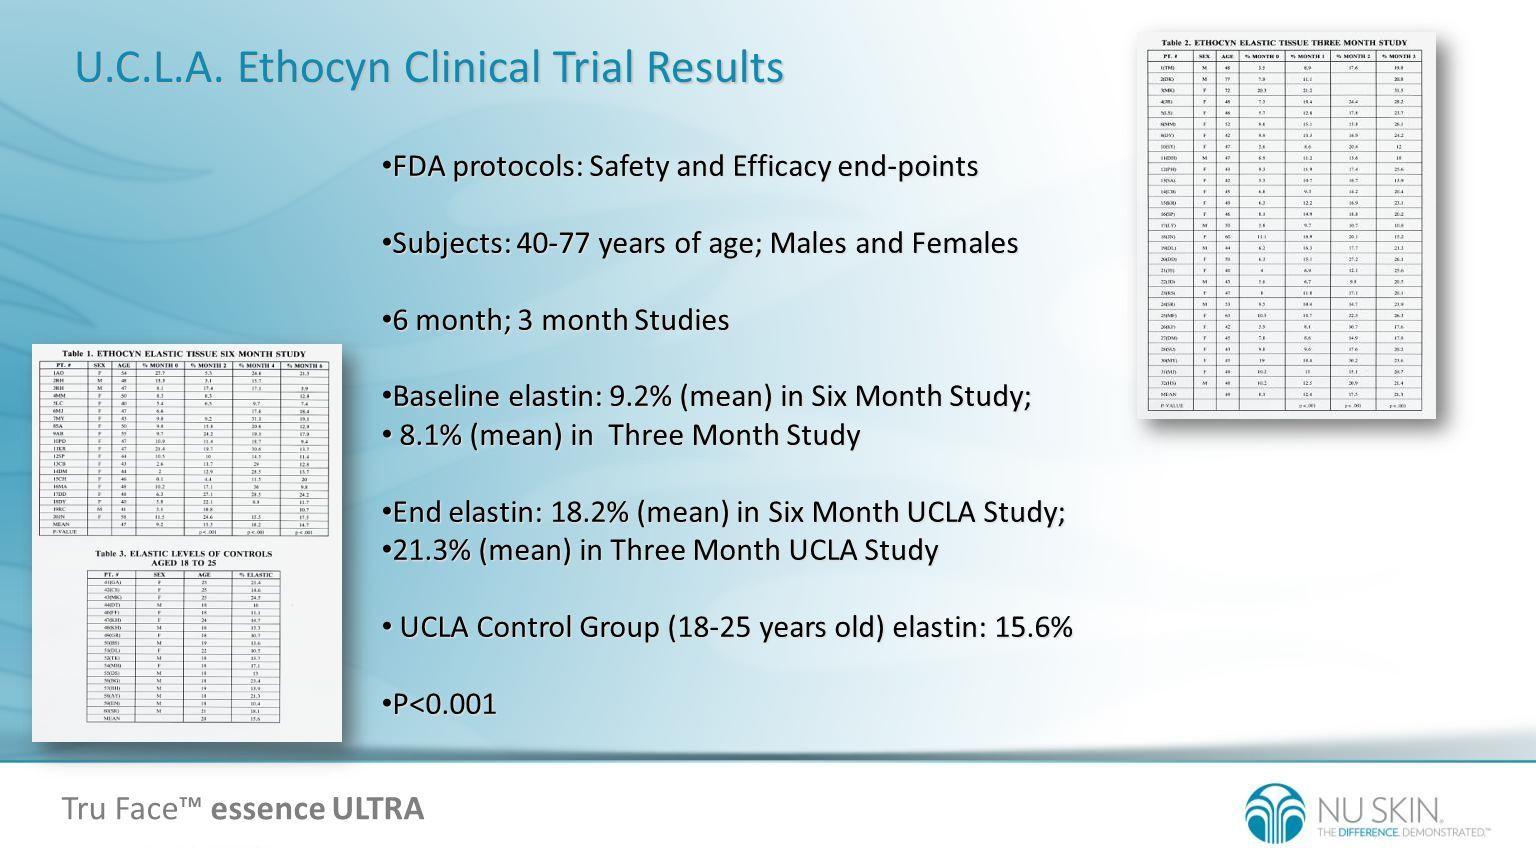 U.C.L.A. Ethocyn Clinical Trial Results